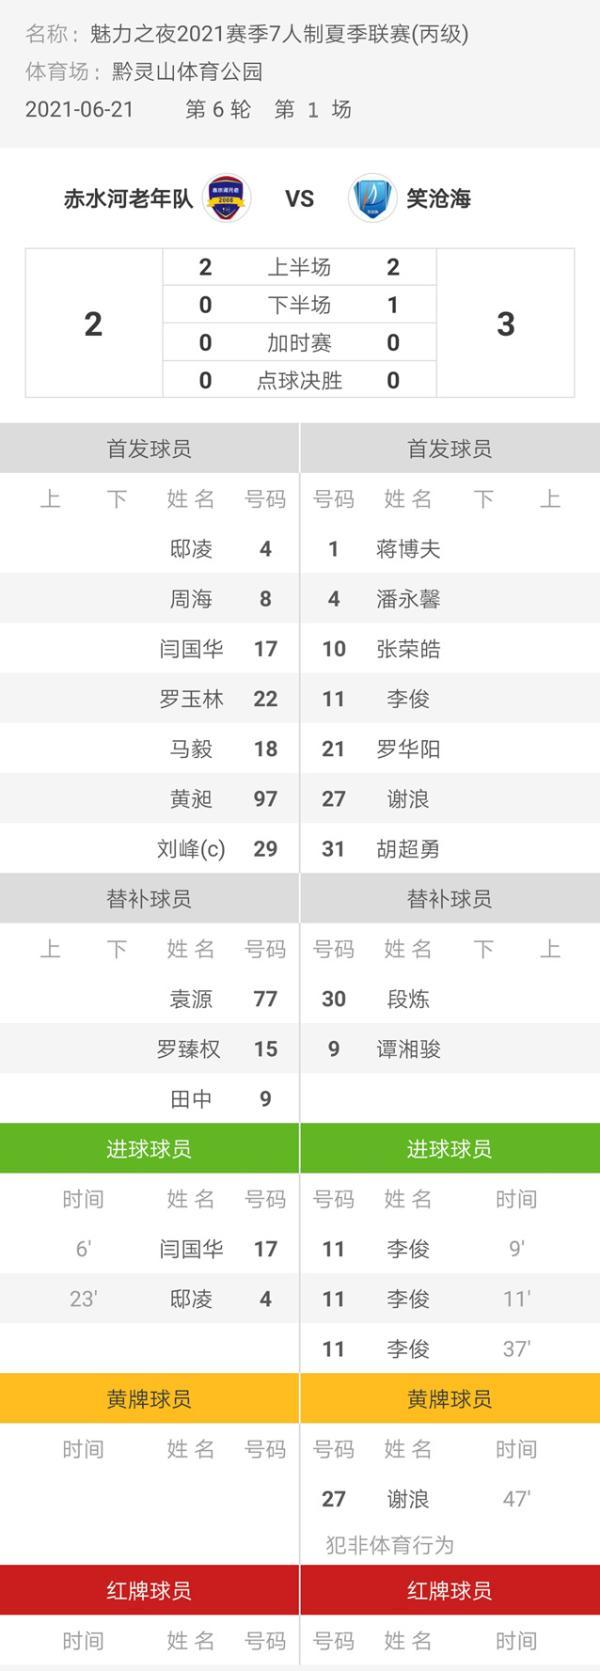 魅力之夜2021赛季7人制足球夏季联赛 赤水河老年队2-3笑沧海